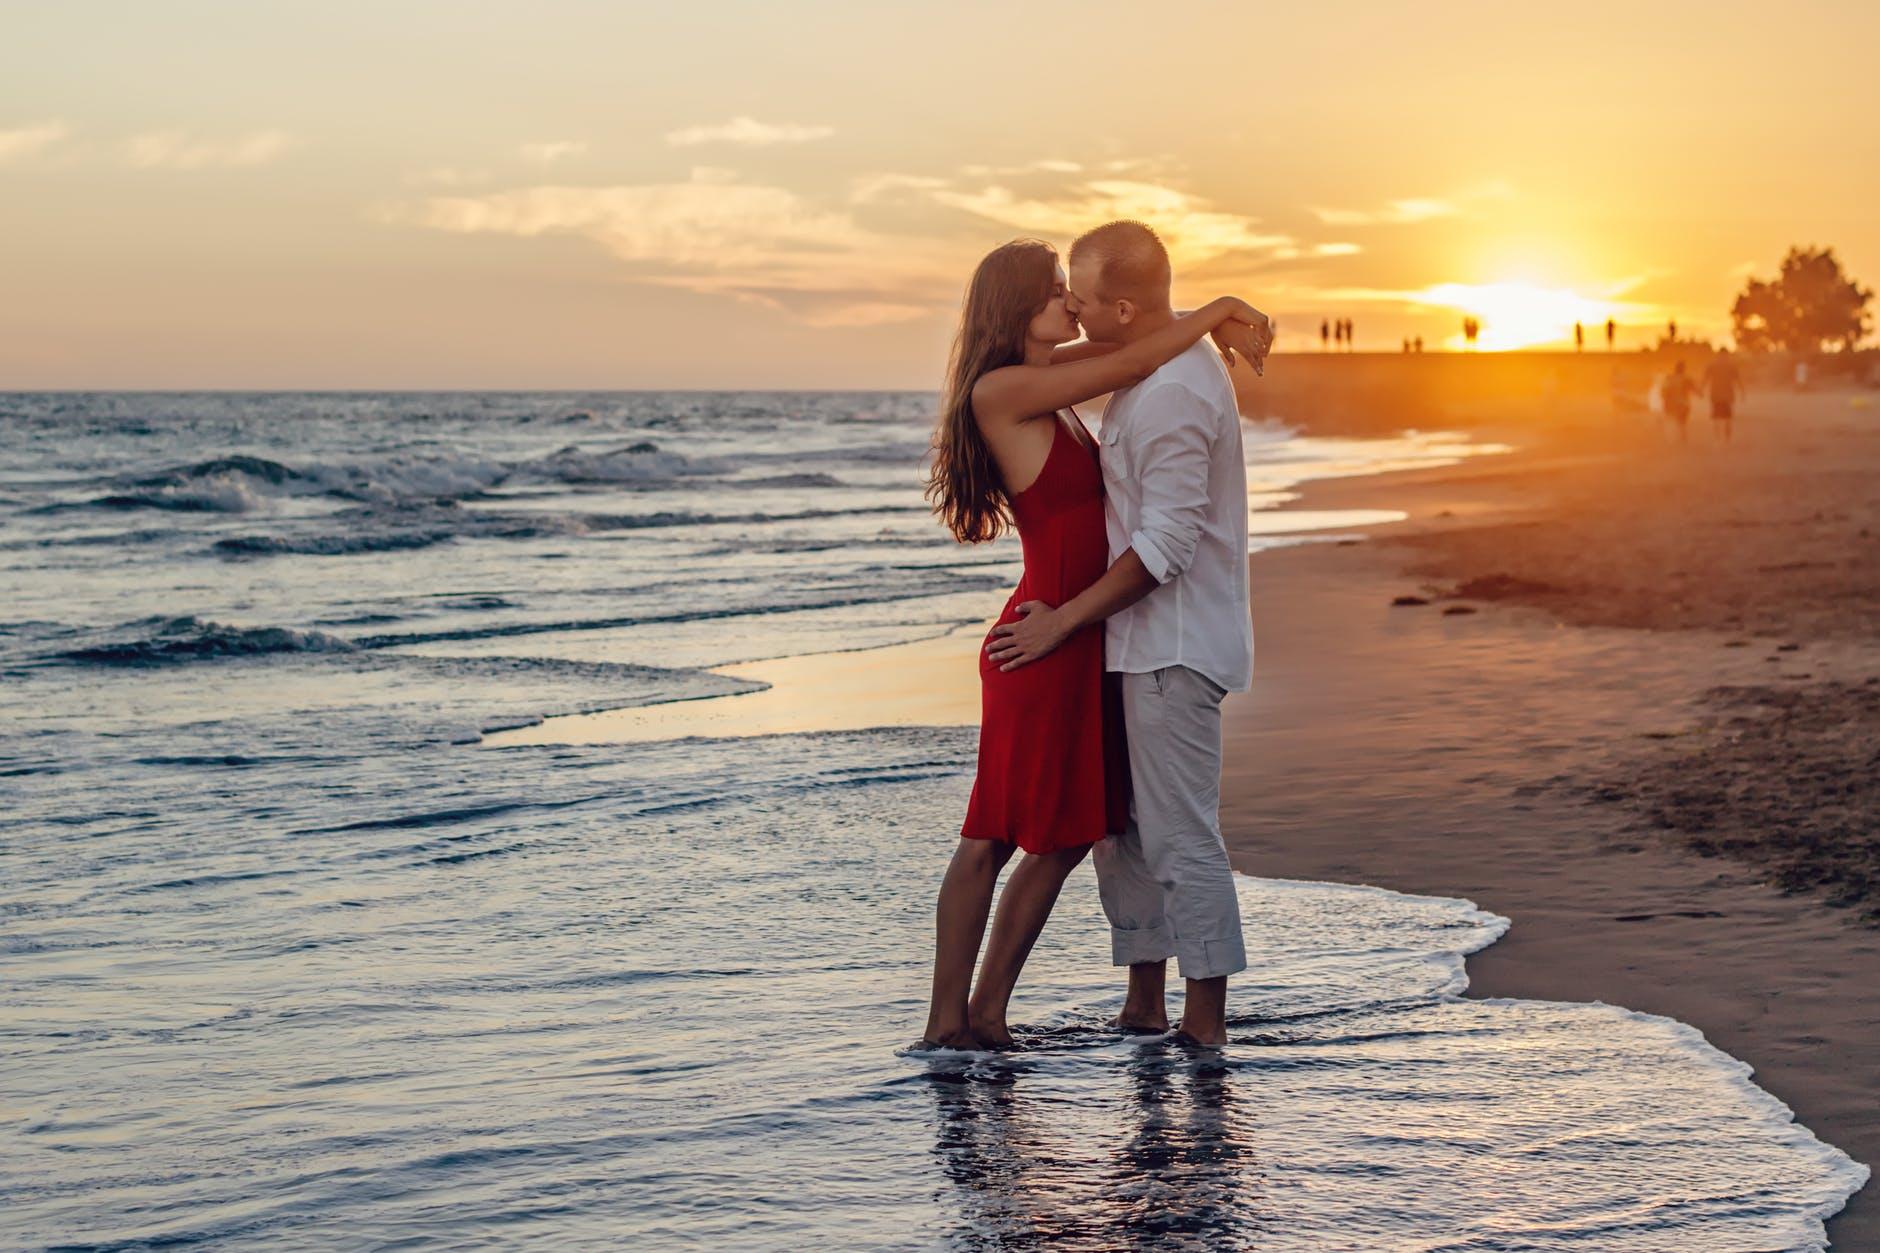 Ότι αφορά τη σεξουαλική σου ζωή... Άνδρας, Γυναίκα, ΟΙ δυο μας, Θεραπεία, Παιδί – Έφηβος